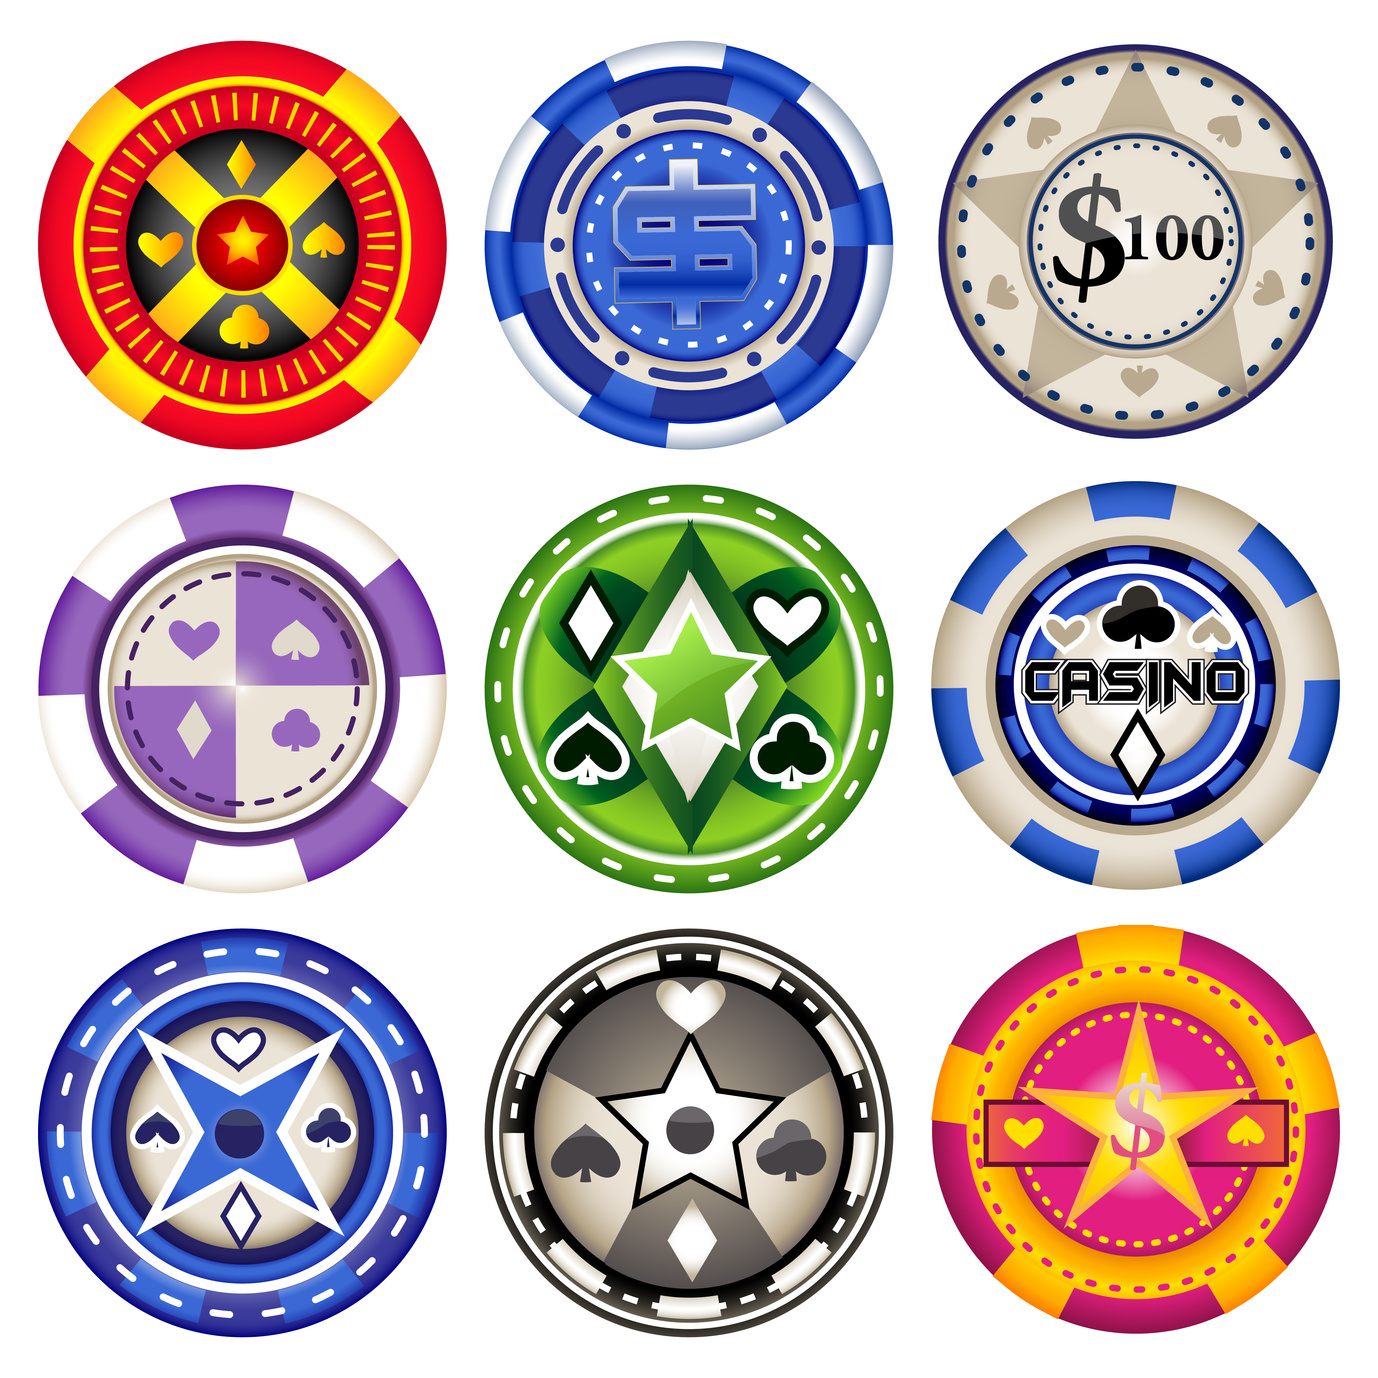 Изготовление фишек казино играть мини игры онлайн бесплатно в карты